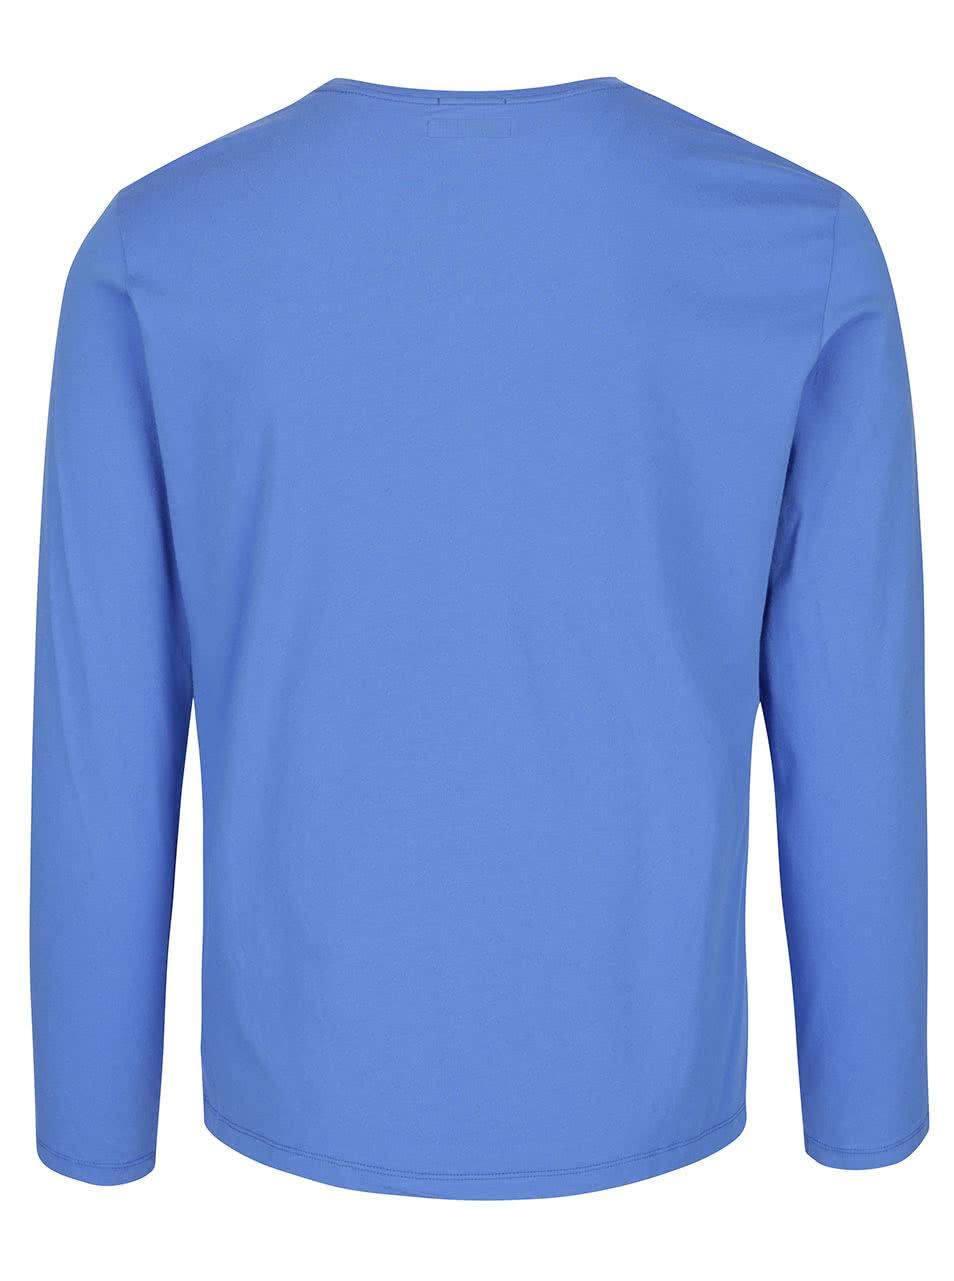 b433075f266 Modré pánské triko s potiskem a dlouhým rukávem Pepe Jeans Sails ...